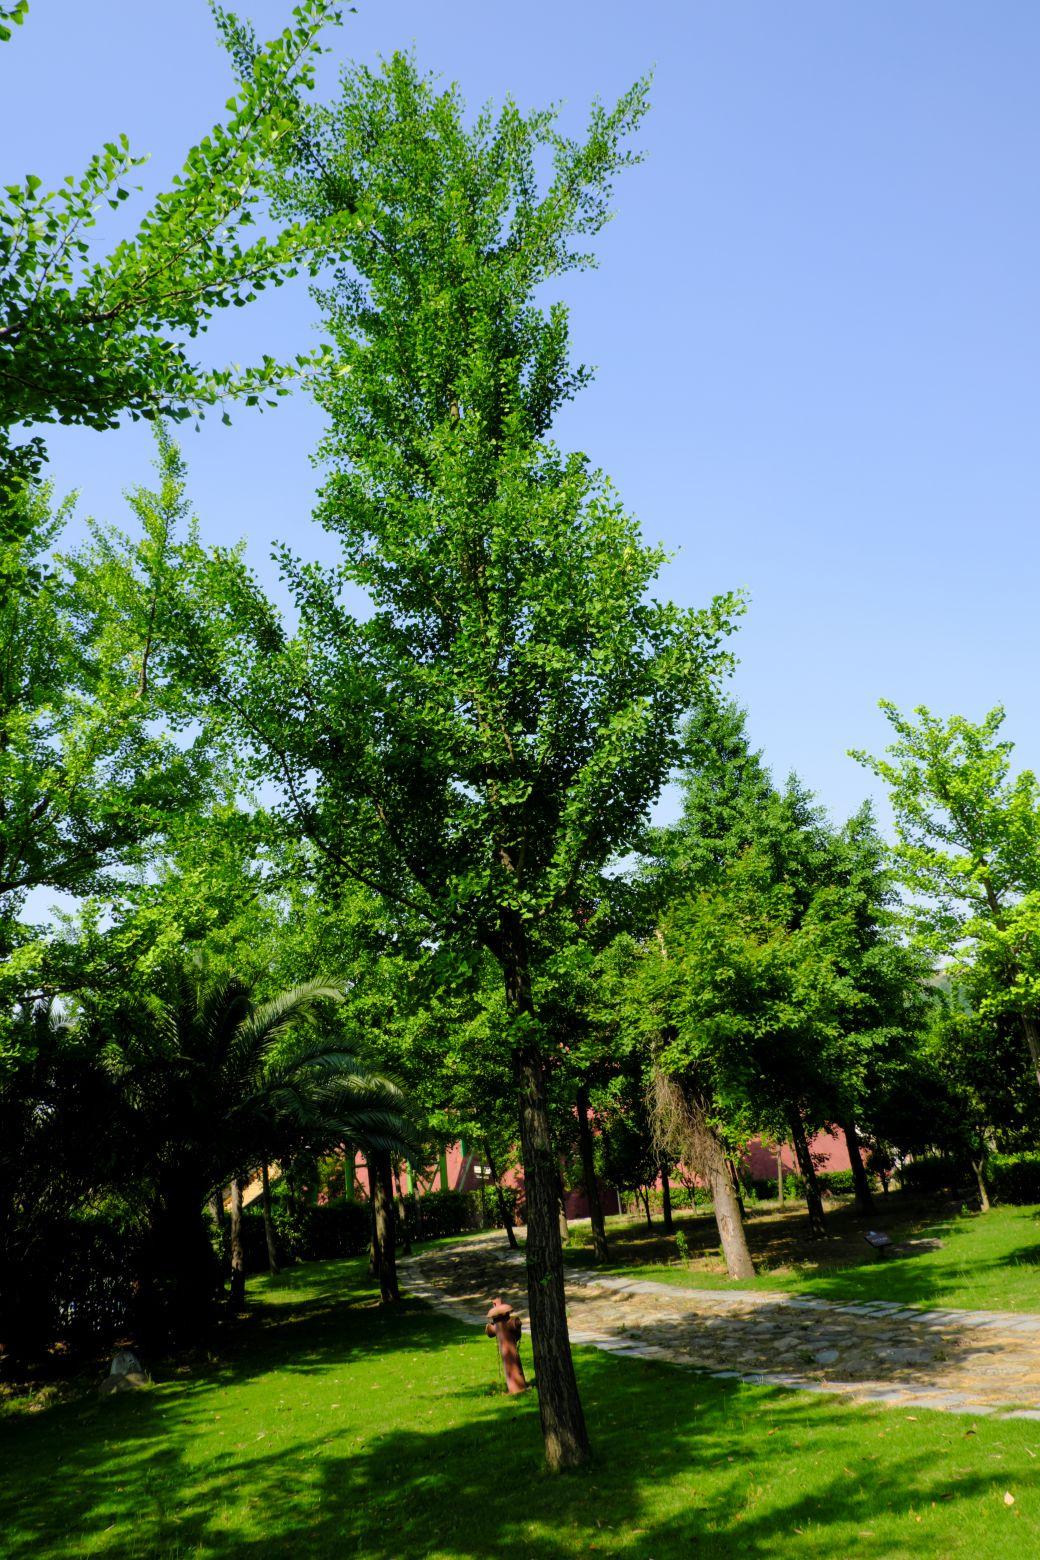 绿色银杏树图像 - 免费商用图片